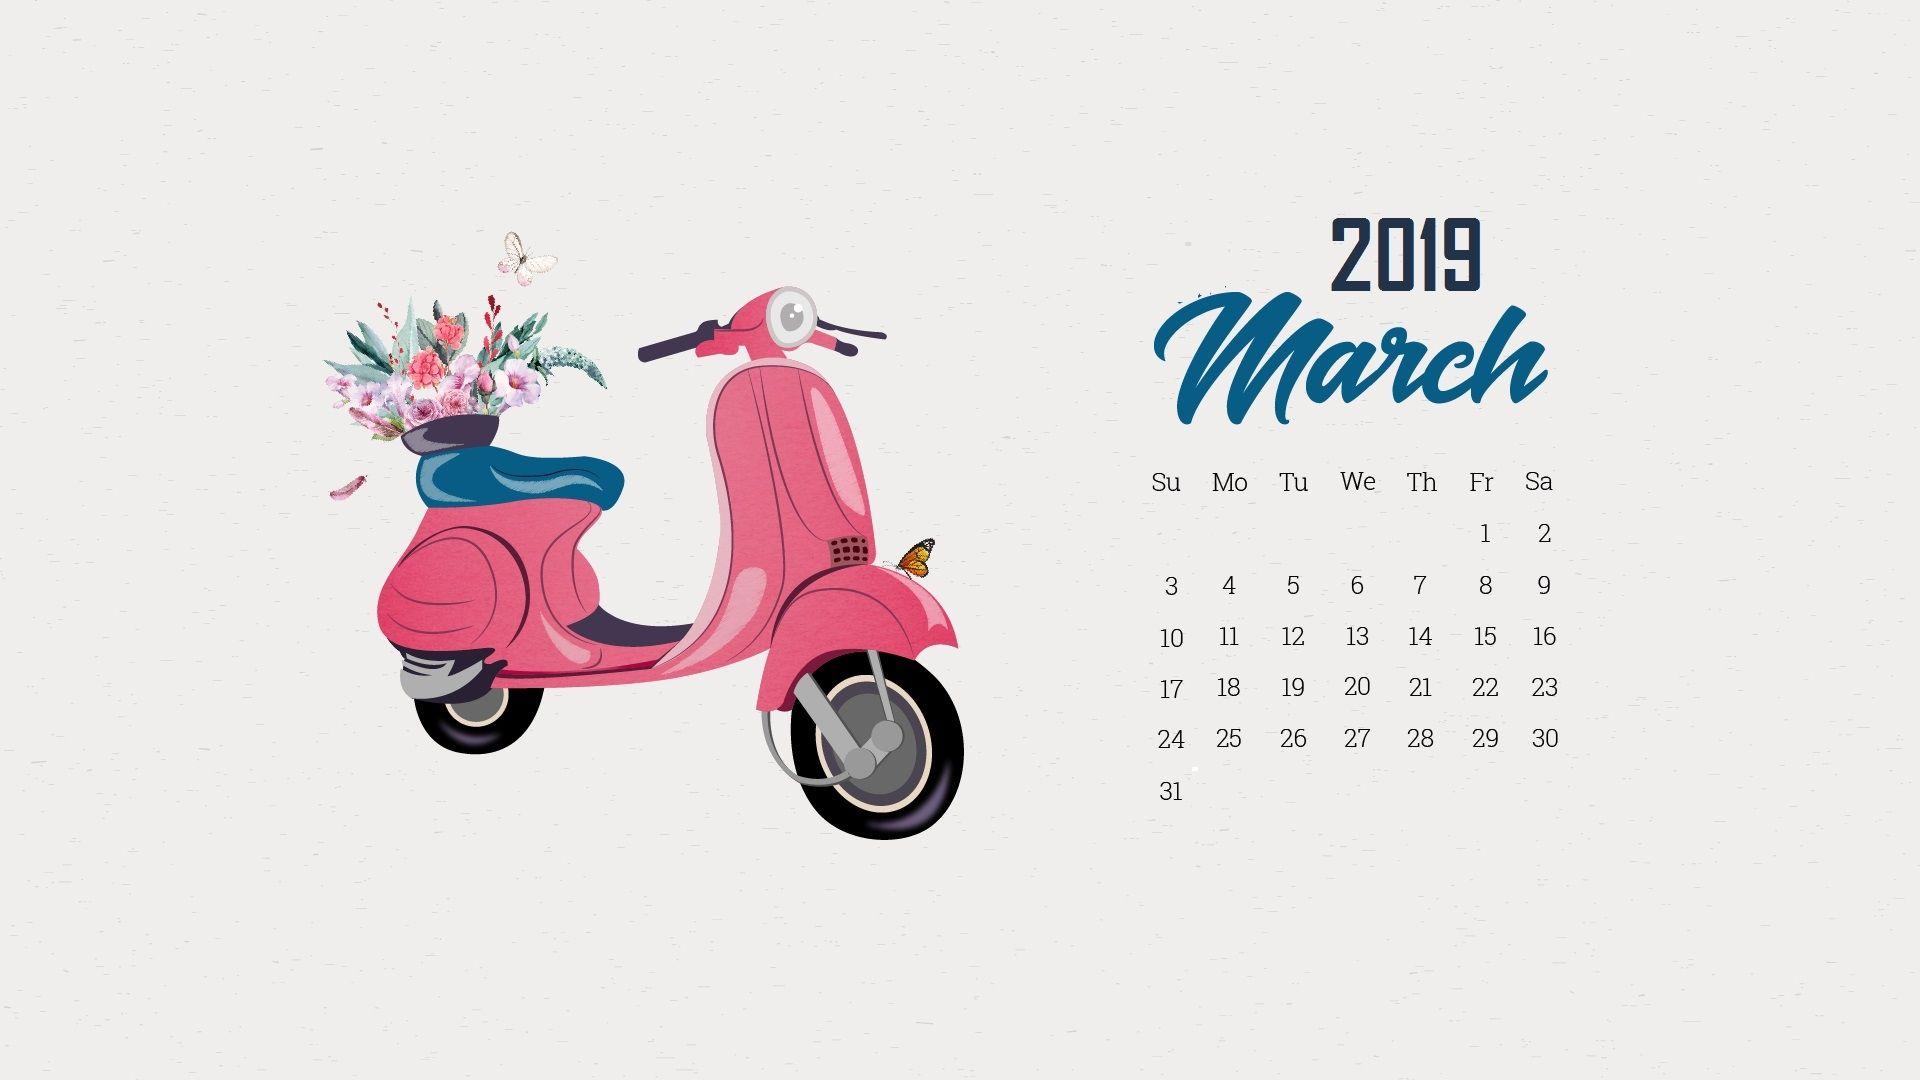 march 2019 calendar wallpapers calendar 2019march 2019 iphone 1920x1080